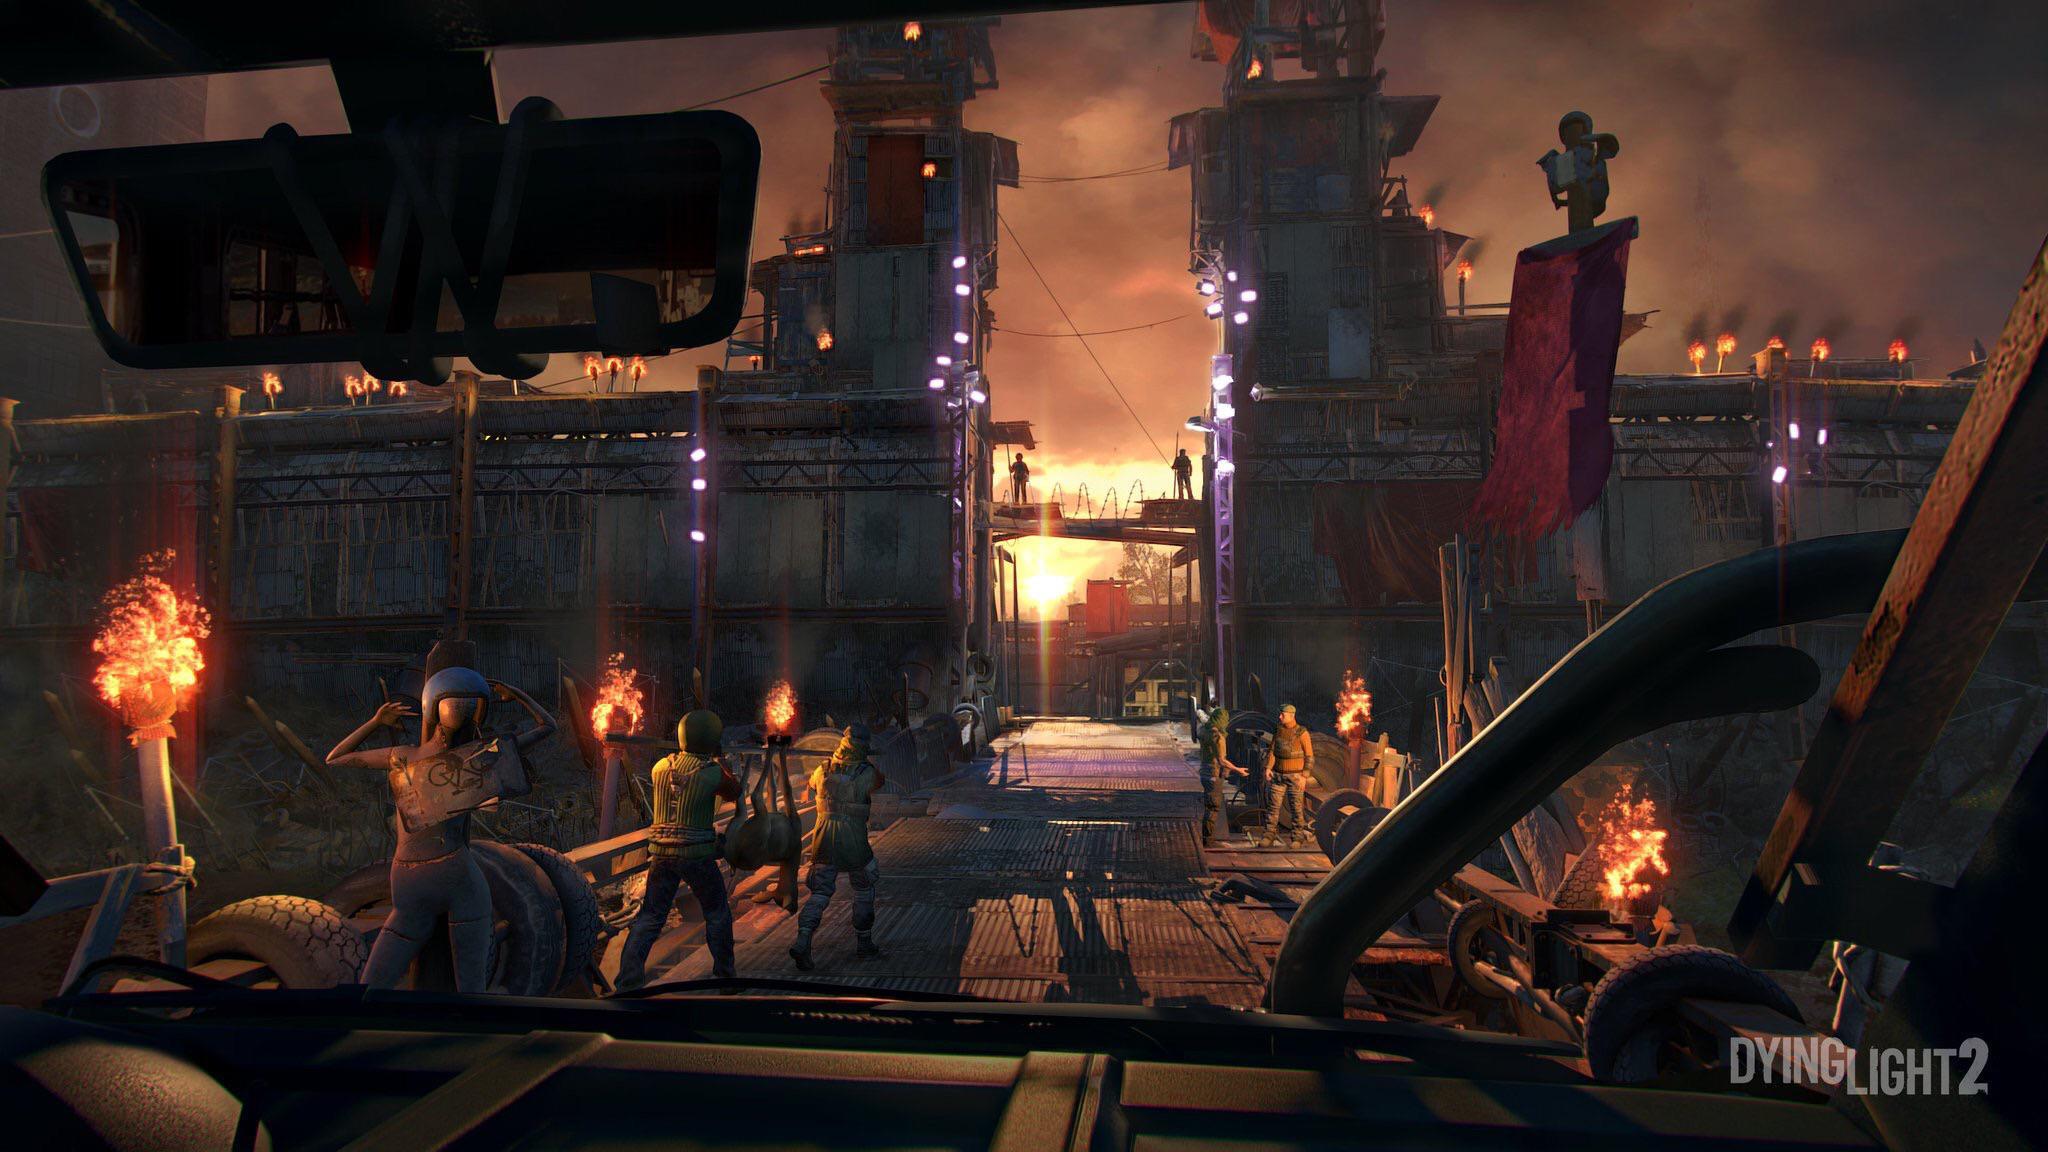 Dying Light 2 Screenshot Wallpaper 69790 2048x1152px